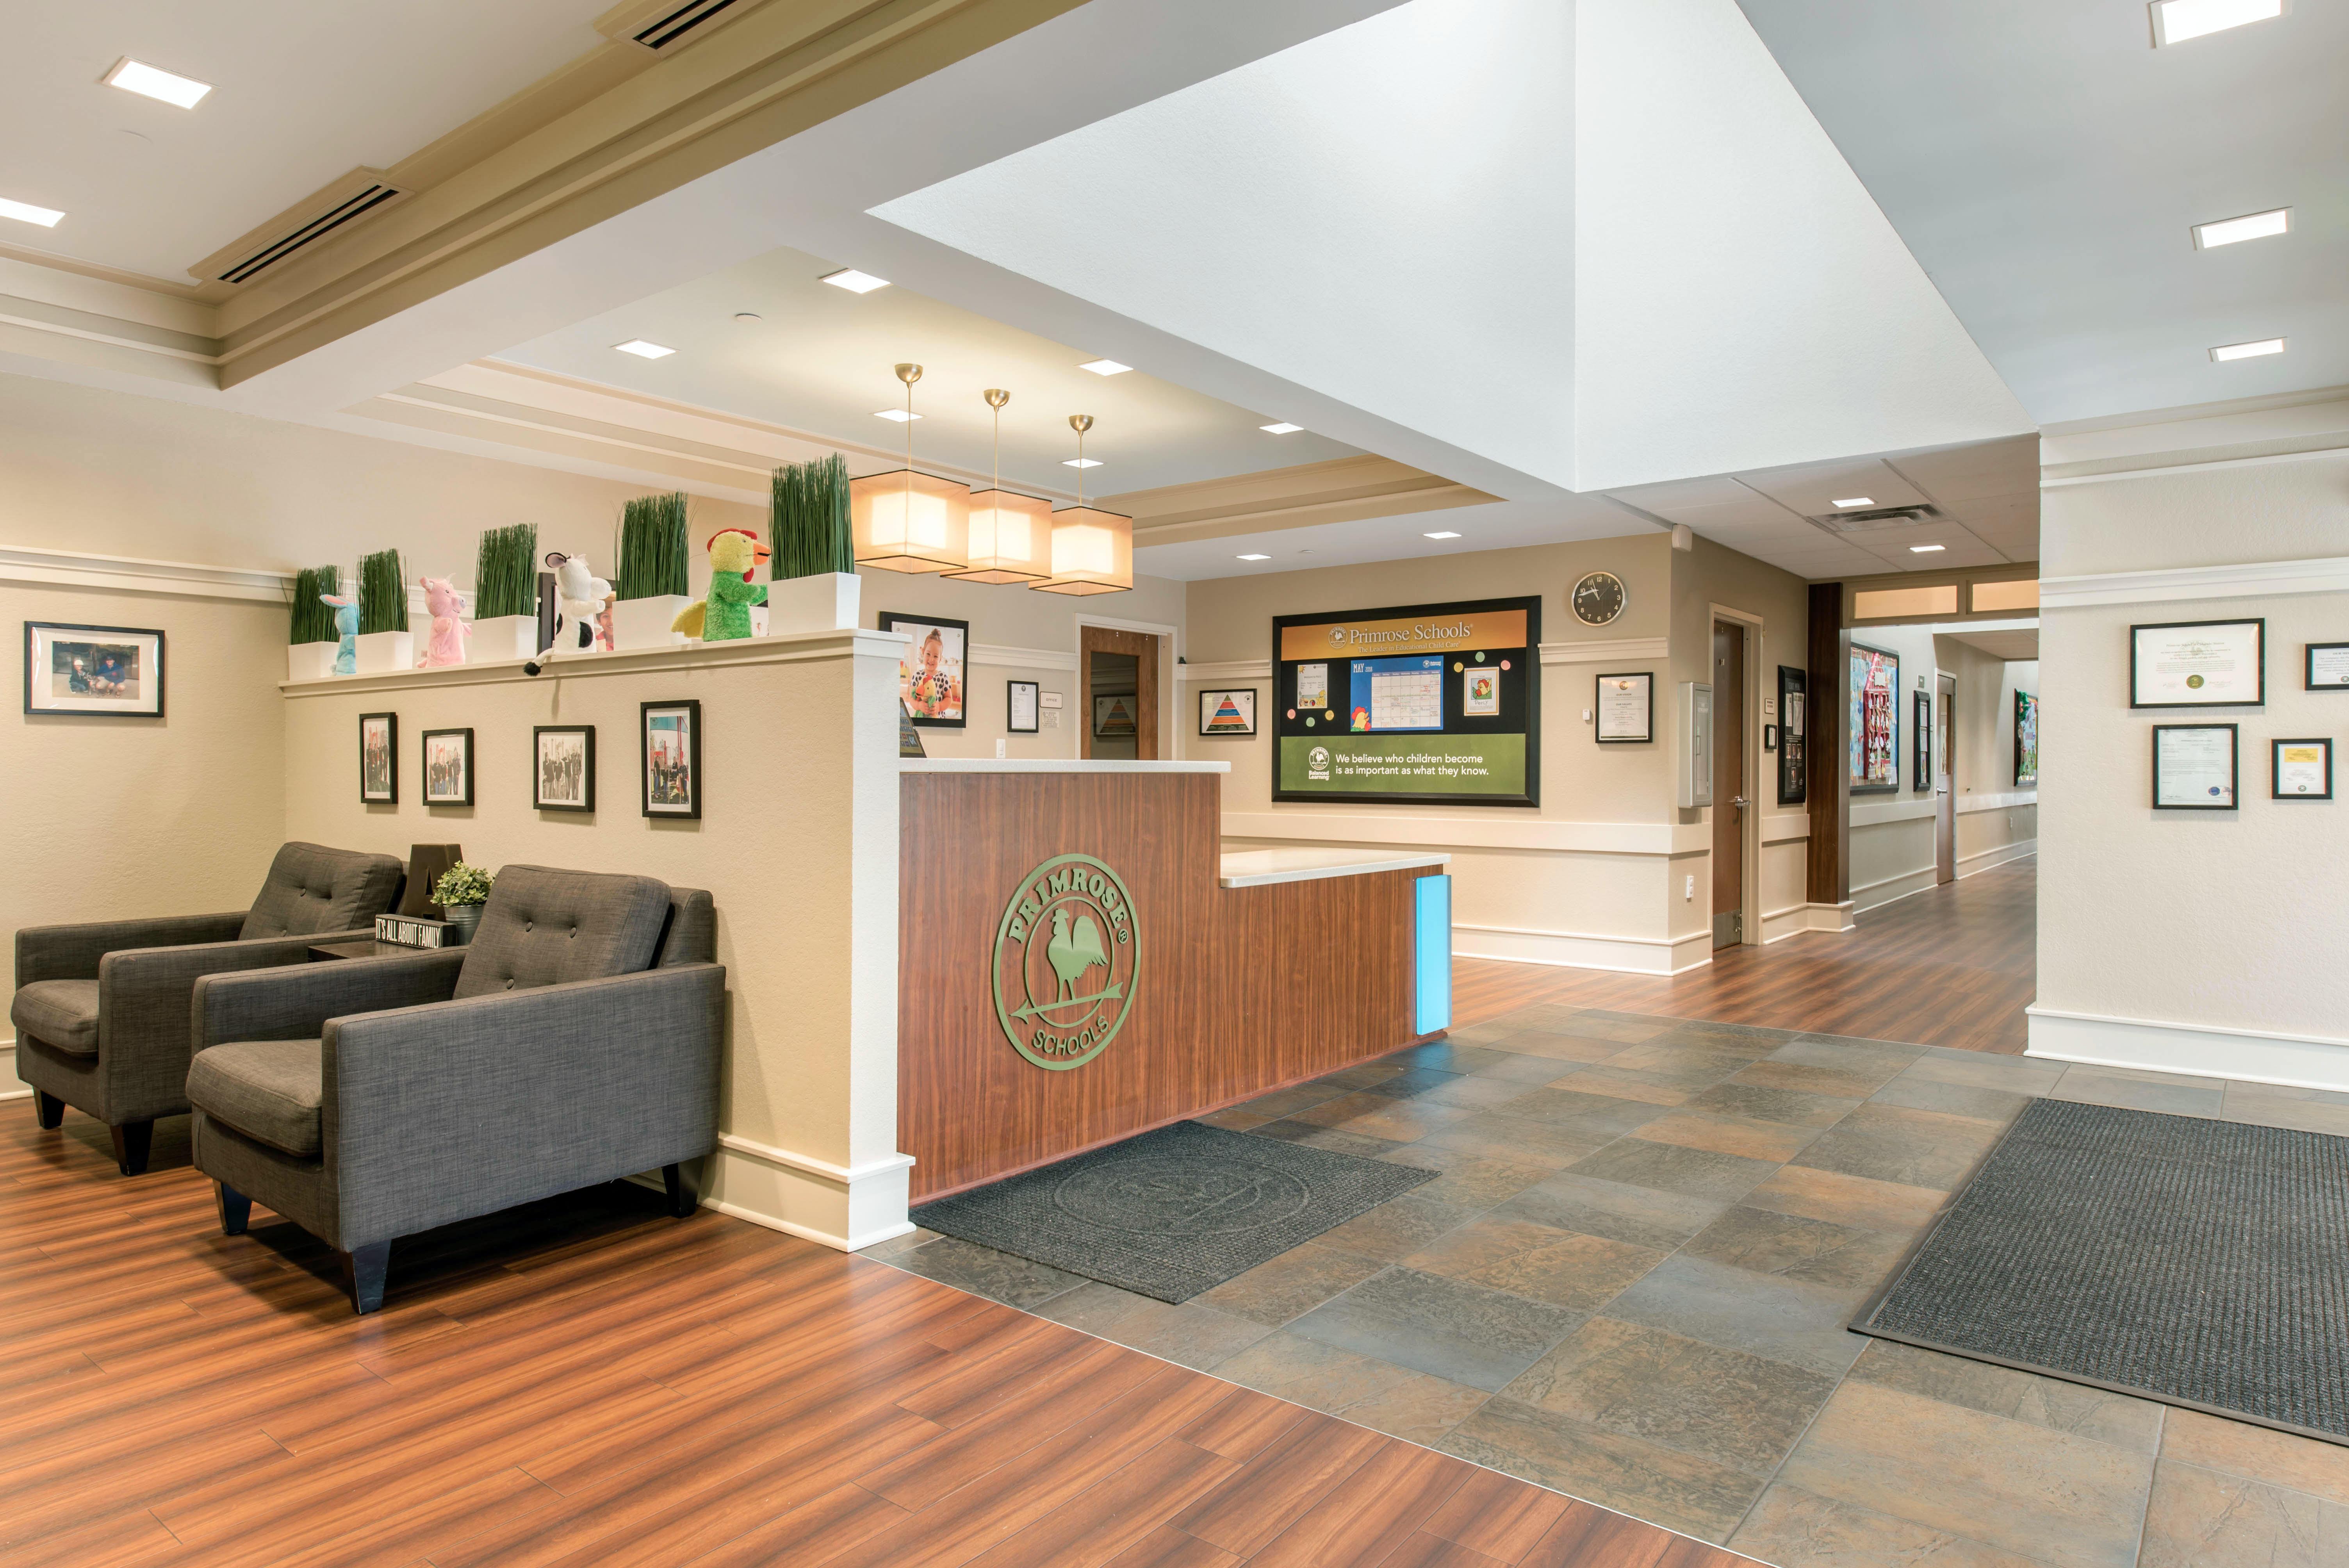 Primrose School at Colorado Station image 6